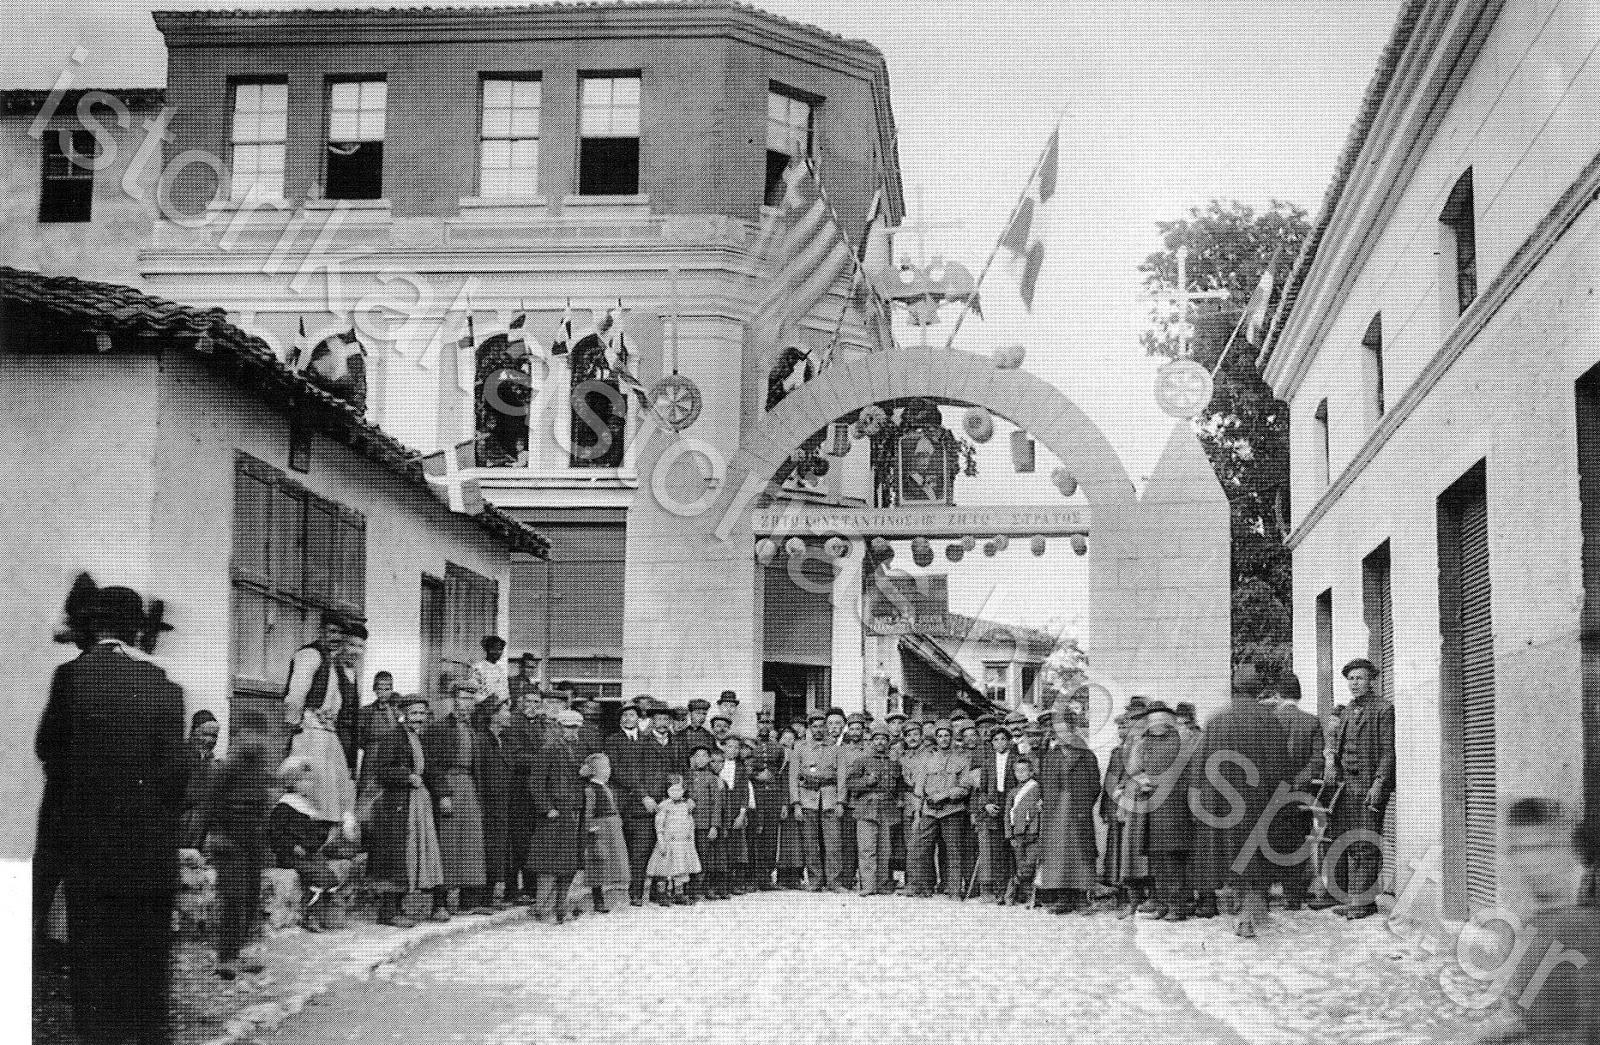 Βαλκανικοί Πόλεμοι - 100 χρόνια ελεύθερη Καστοριά (φωτό 11)